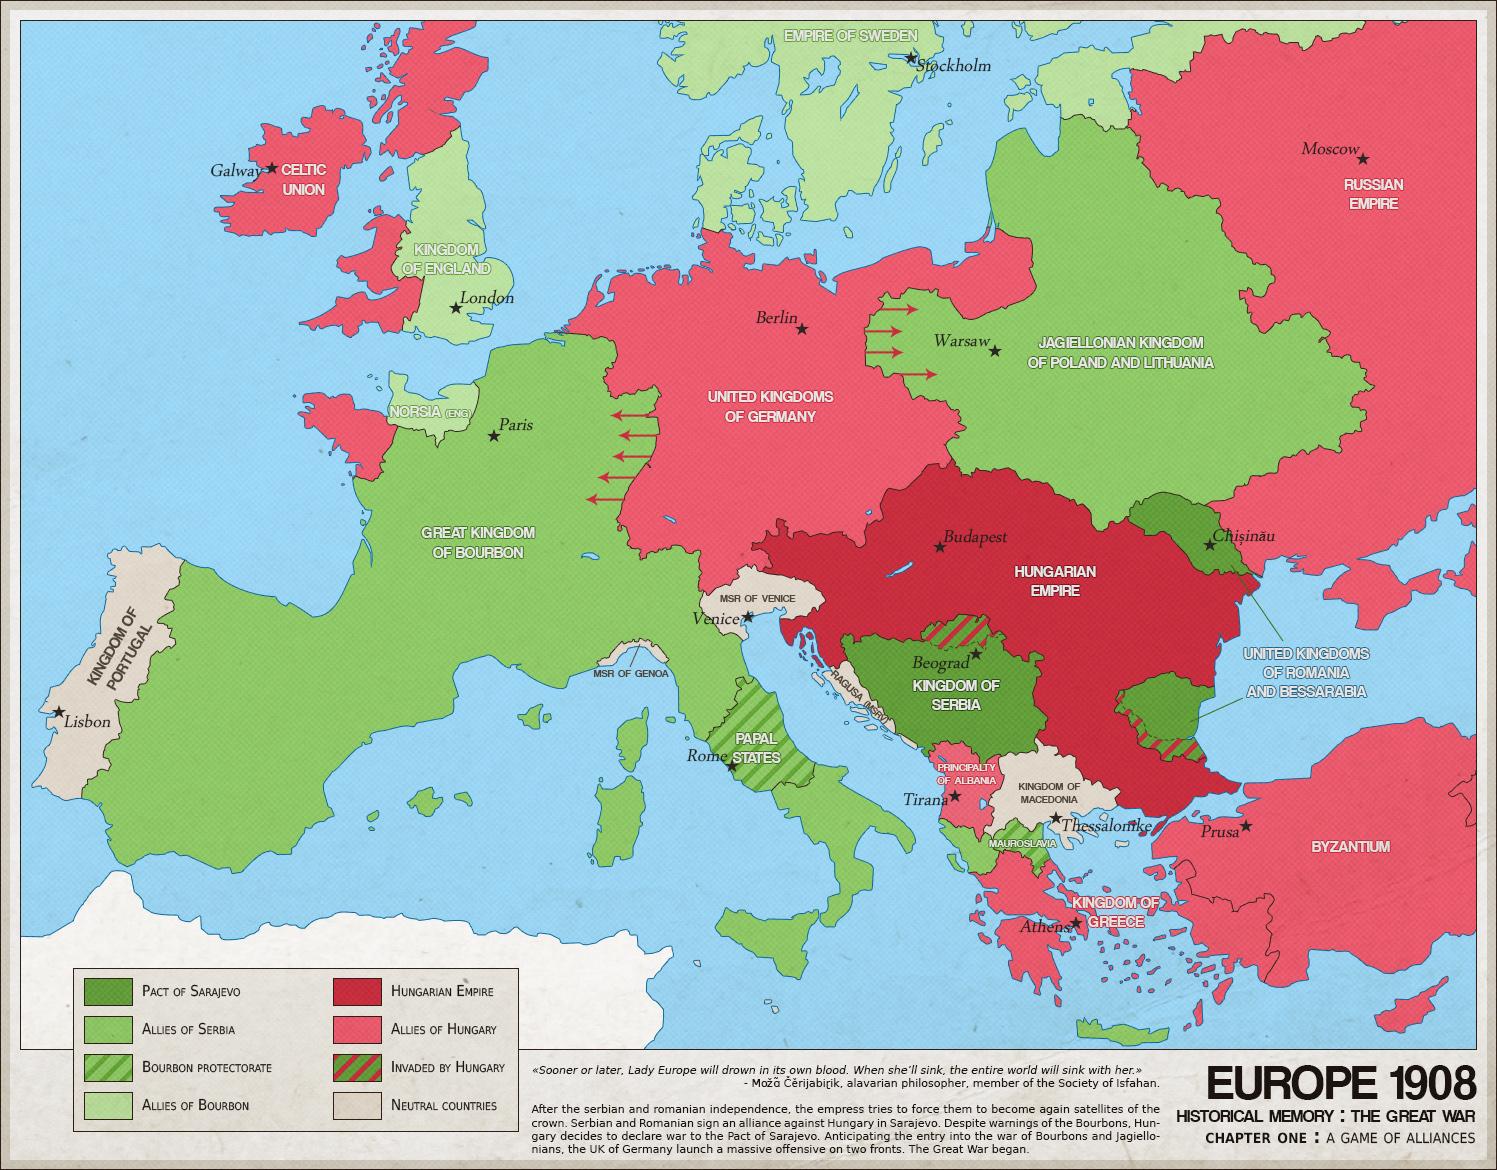 europe 1908 the great war by imdeadpanda on deviantart